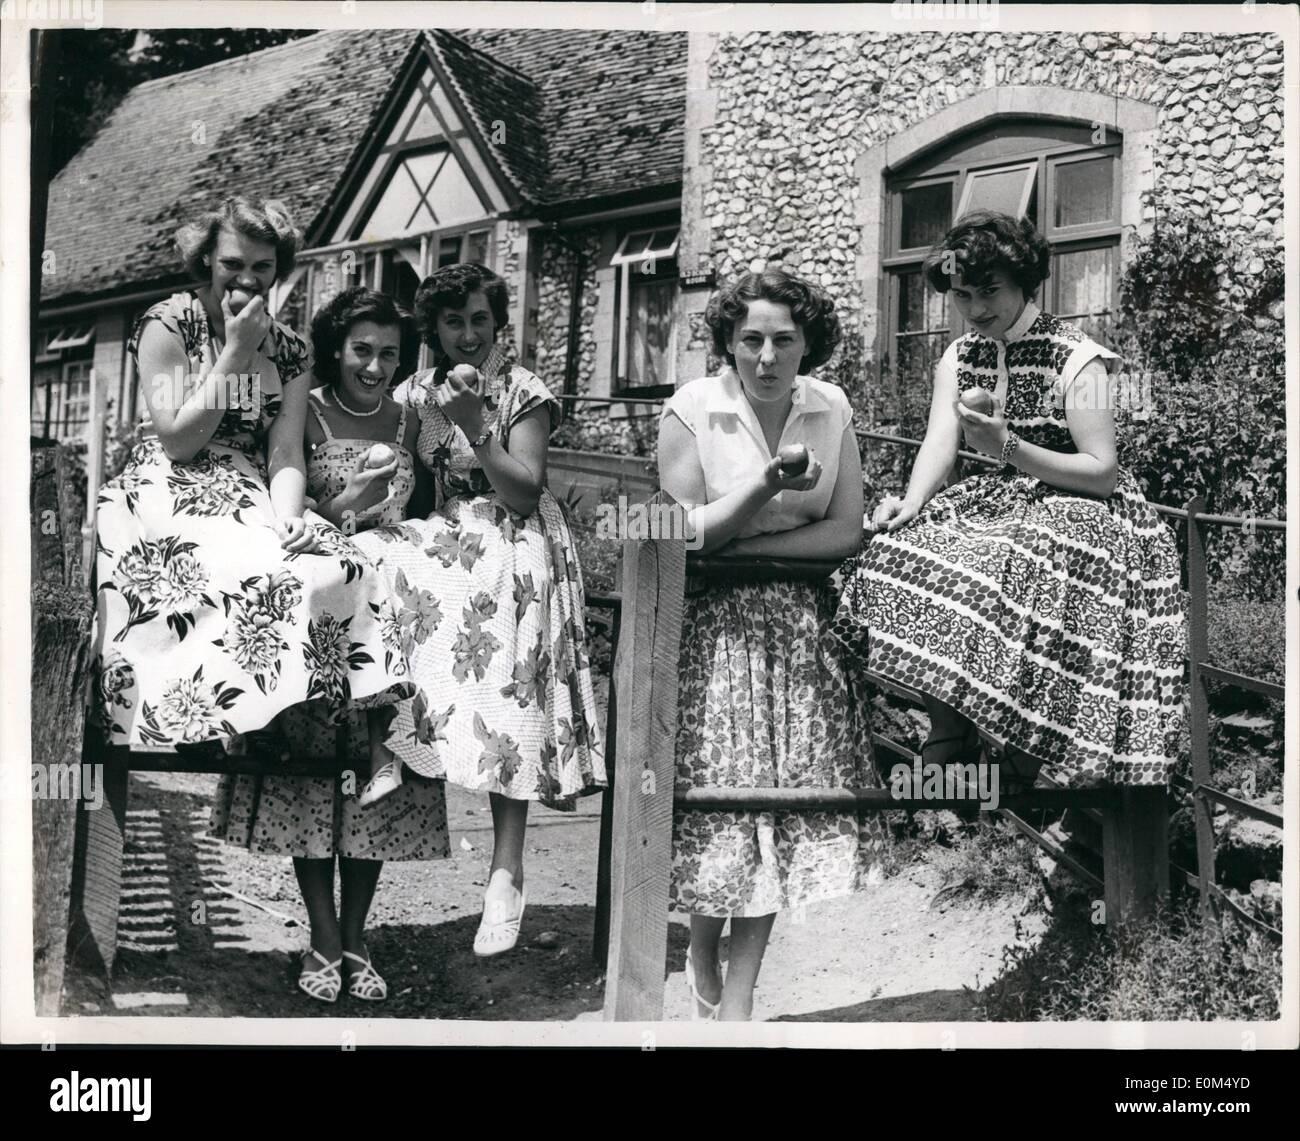 Juillet 07, 1953 - Village de belles filles- Les filles sont plus nombreuses que les hommes par 4 à 1: Bramber avec une population de 400 est décrété dans les guides comme l'un des plus beaux villages de Sussex. Mais ce n'est pas l'un des plus romantique. La raison pour cela est parce qu'il n'y a qu'un baccalauréat en droit pour tous les quatre de ses filles glamour. Mme Peggy Glenie, directrice de l'hôtel Castle a dit, ''La pénurie d'hommes est terrible''. Chaque soir des groupes de deux ou trois filles vont à Mme Glenie's son juste pour passer le temps Photo Stock